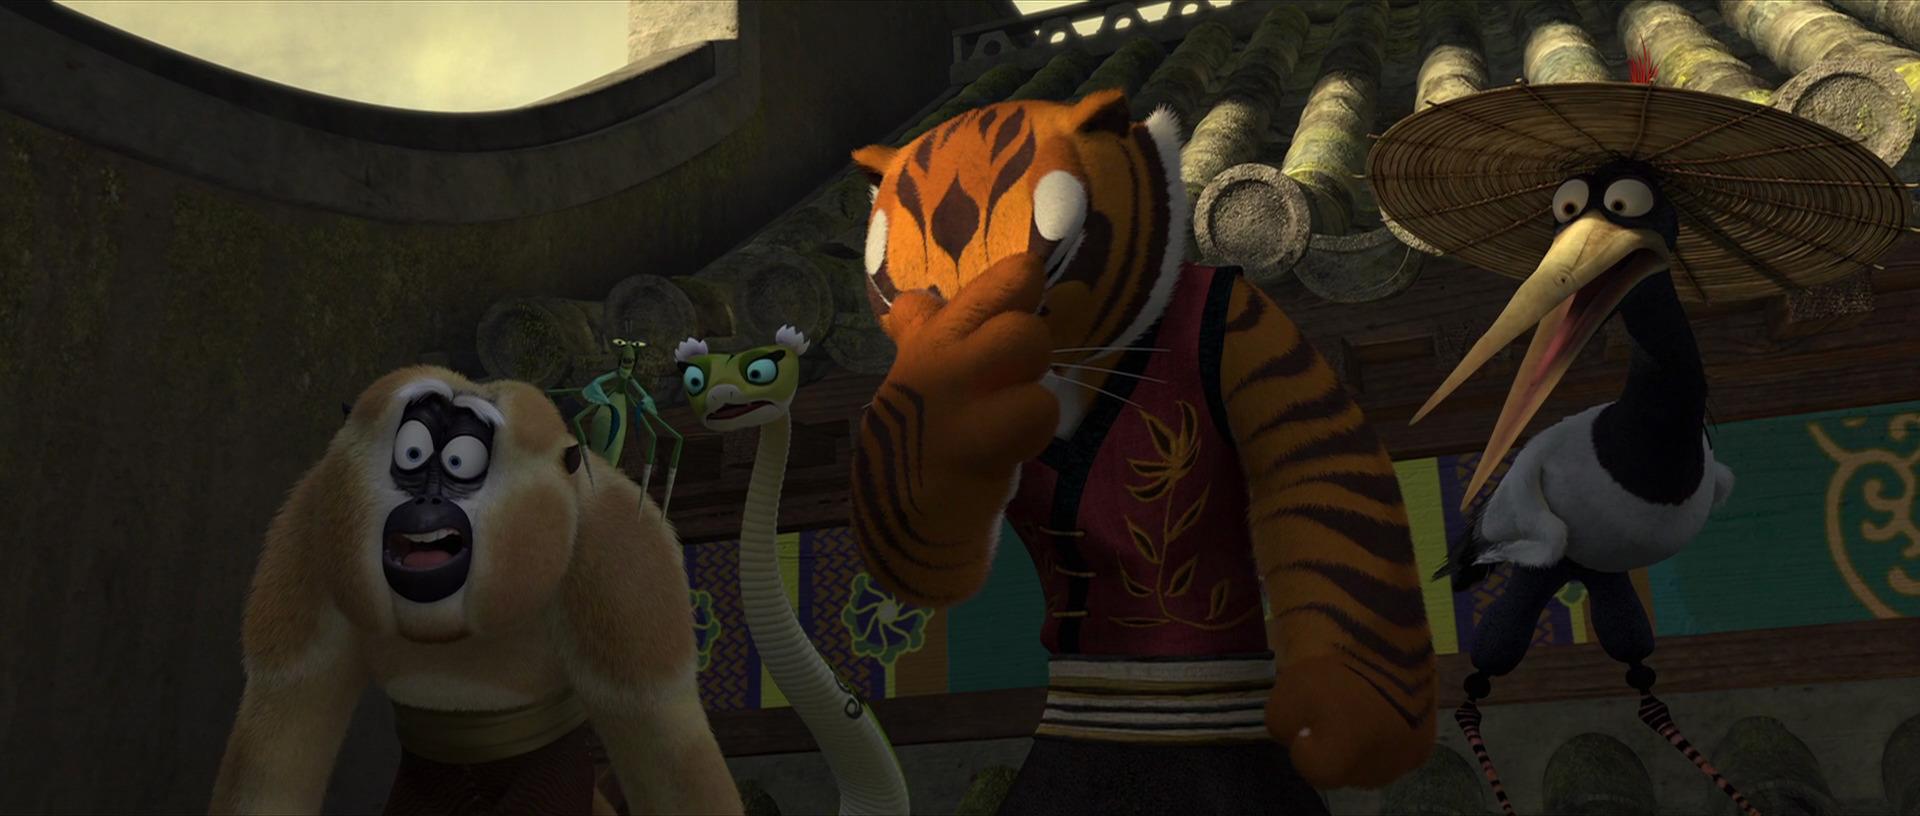 Kung Fu Panda images Tigress Action Figure HD wallpaper and